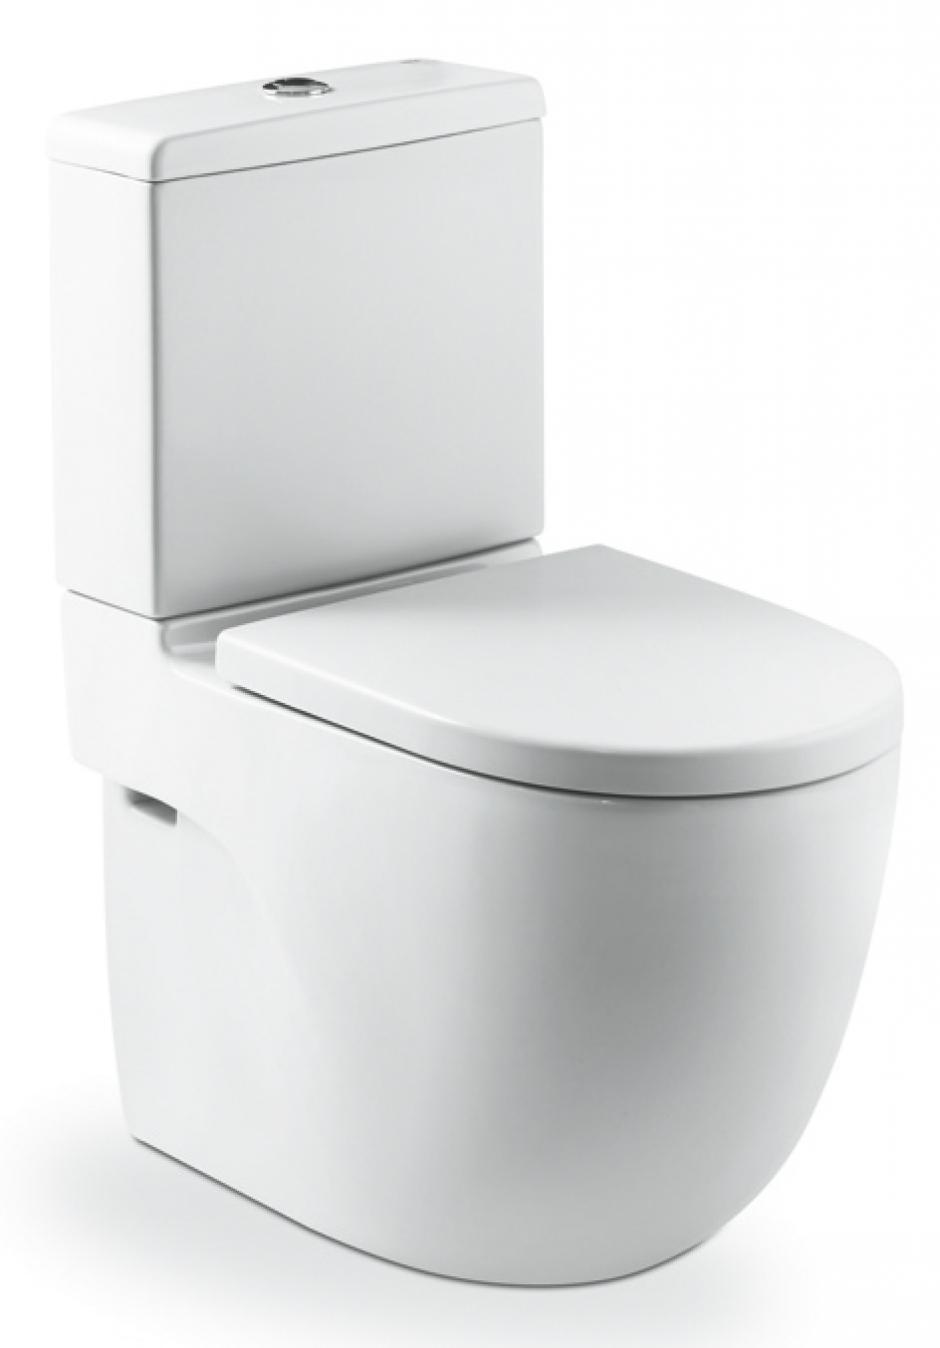 salle de bain abattant wc abattant double wc avec ralentisseur pour. Black Bedroom Furniture Sets. Home Design Ideas